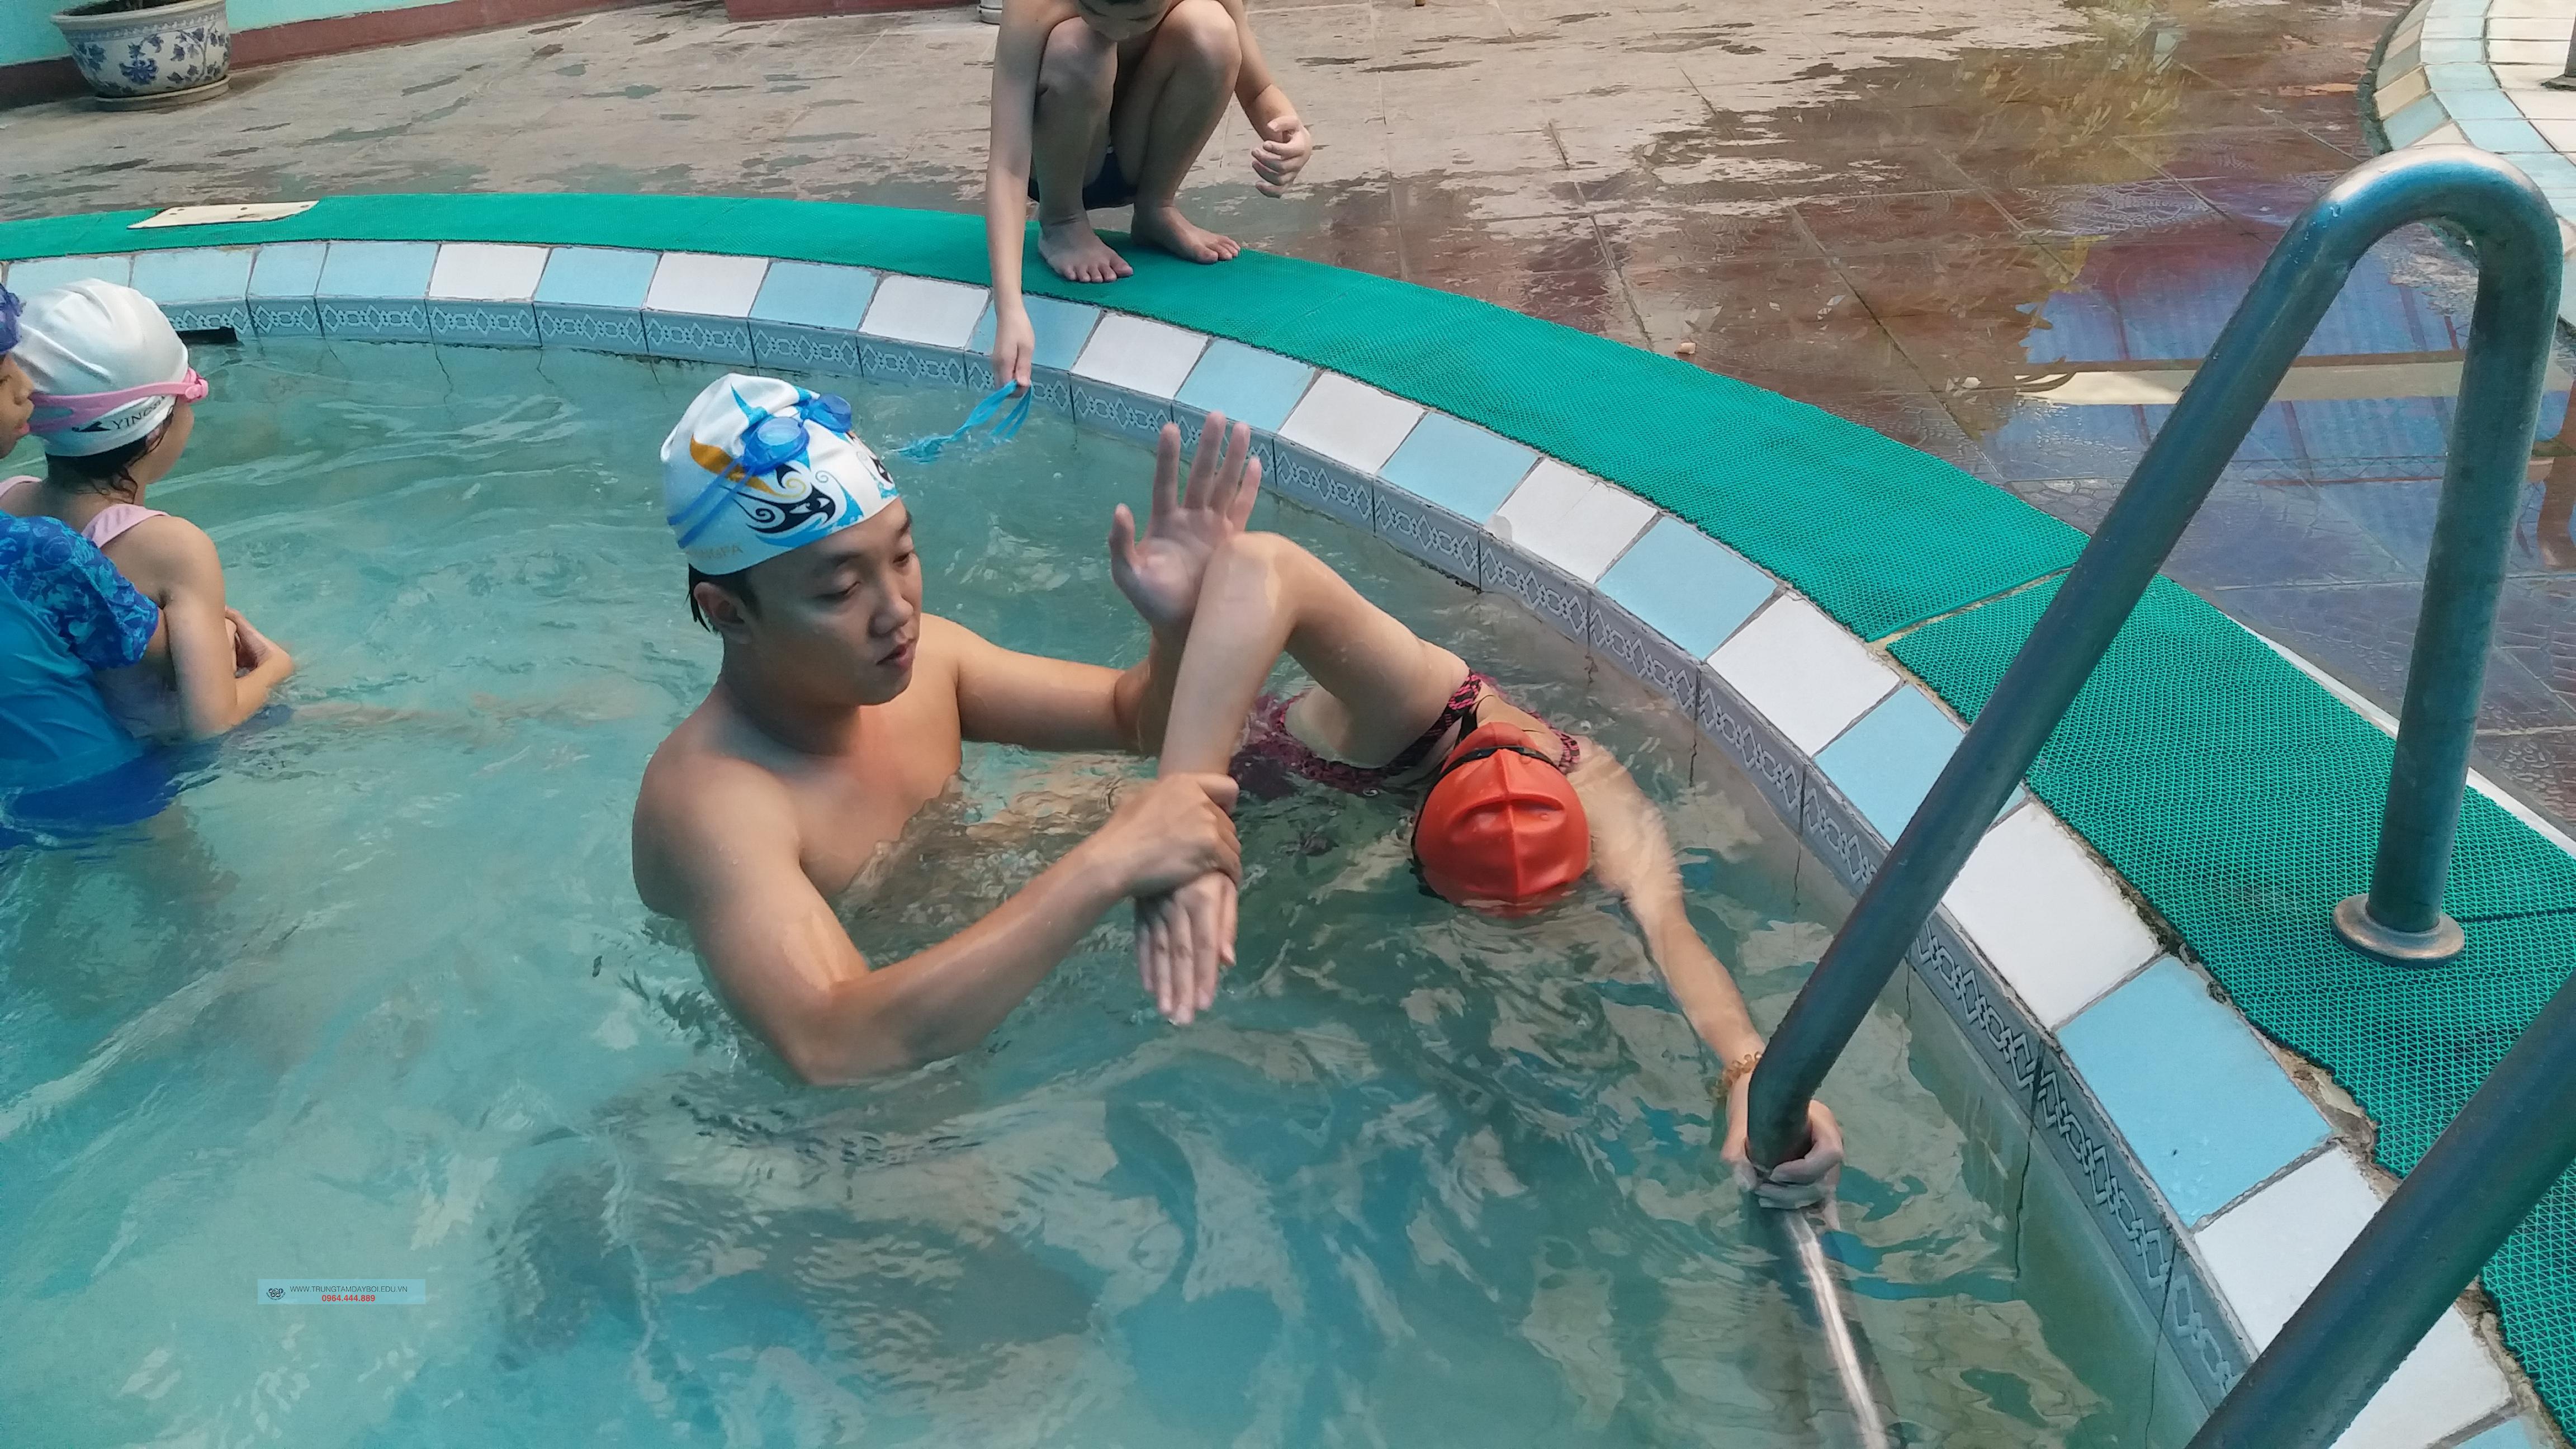 Hình ảnh lớp học bơi nâng cao 1  Hình ảnh lớp học bơi nâng cao 1  Hình ảnh lớp học bơi nâng cao 1  Hình ảnh lớp học bơi nâng cao 1  Hình ảnh lớp học bơi nâng cao 1  Hình ảnh lớp học bơi nâng cao 1  Hình ảnh lớp học bơi nâng cao 1  Hình ảnh lớp học bơi nâng cao 1  Hình ảnh lớp học bơi nâng cao 1  Hình ảnh lớp học bơi nâng cao 1  Hình ảnh lớp học bơi nâng cao 1  Hình ảnh lớp học bơi nâng cao 1  Hình ảnh lớp học bơi nâng cao 1  Hình ảnh lớp học bơi nâng cao 1  Hình ảnh lớp học bơi nâng cao 1  Hình ảnh lớp học bơi nâng cao 1  Hình ảnh lớp học bơi nâng cao 1  Hình ảnh lớp học bơi nâng cao 1  Hình ảnh lớp học bơi nâng cao 1  Hình ảnh lớp học bơi nâng cao 1  Hình ảnh lớp học bơi nâng cao 1  Hình ảnh lớp học bơi nâng cao 1  Hình ảnh lớp học bơi nâng cao 1  Hình ảnh lớp học bơi nâng cao 1  Hình ảnh lớp học bơi nâng cao 1  Hình ảnh lớp học bơi nâng cao 1  Hình ảnh lớp học bơi nâng cao 1  Hình ảnh lớp học bơi nâng cao 1